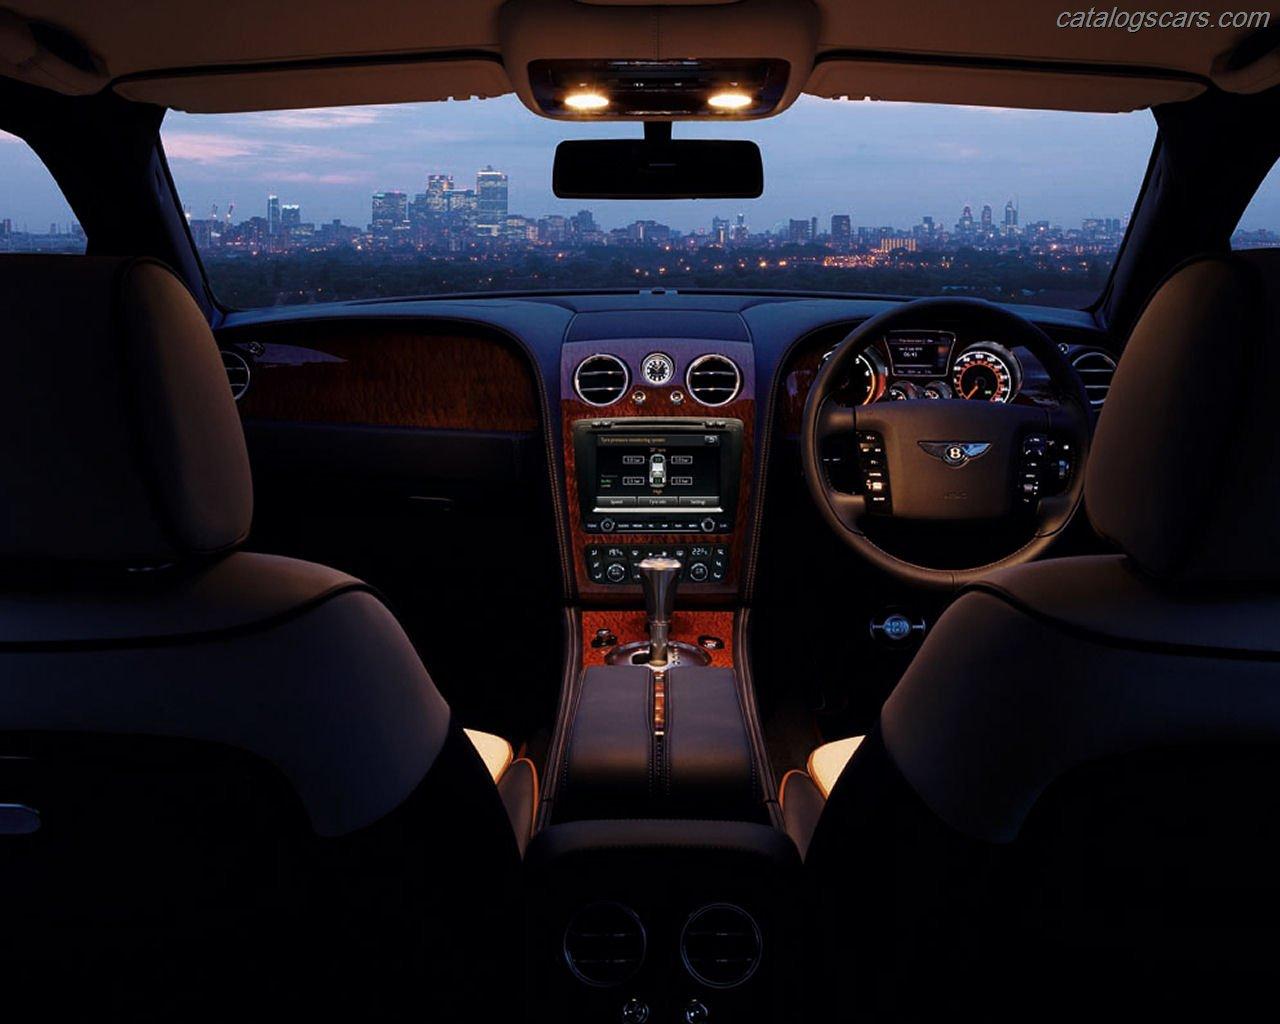 صور سيارة بنتلى كونتيننتال سيريس 51 2014 - اجمل خلفيات صور عربية بنتلى كونتيننتال سيريس 51 2014 - Bentley Continental Series 51 Photos Bentley-Continental-Series-51-2011-14.jpg